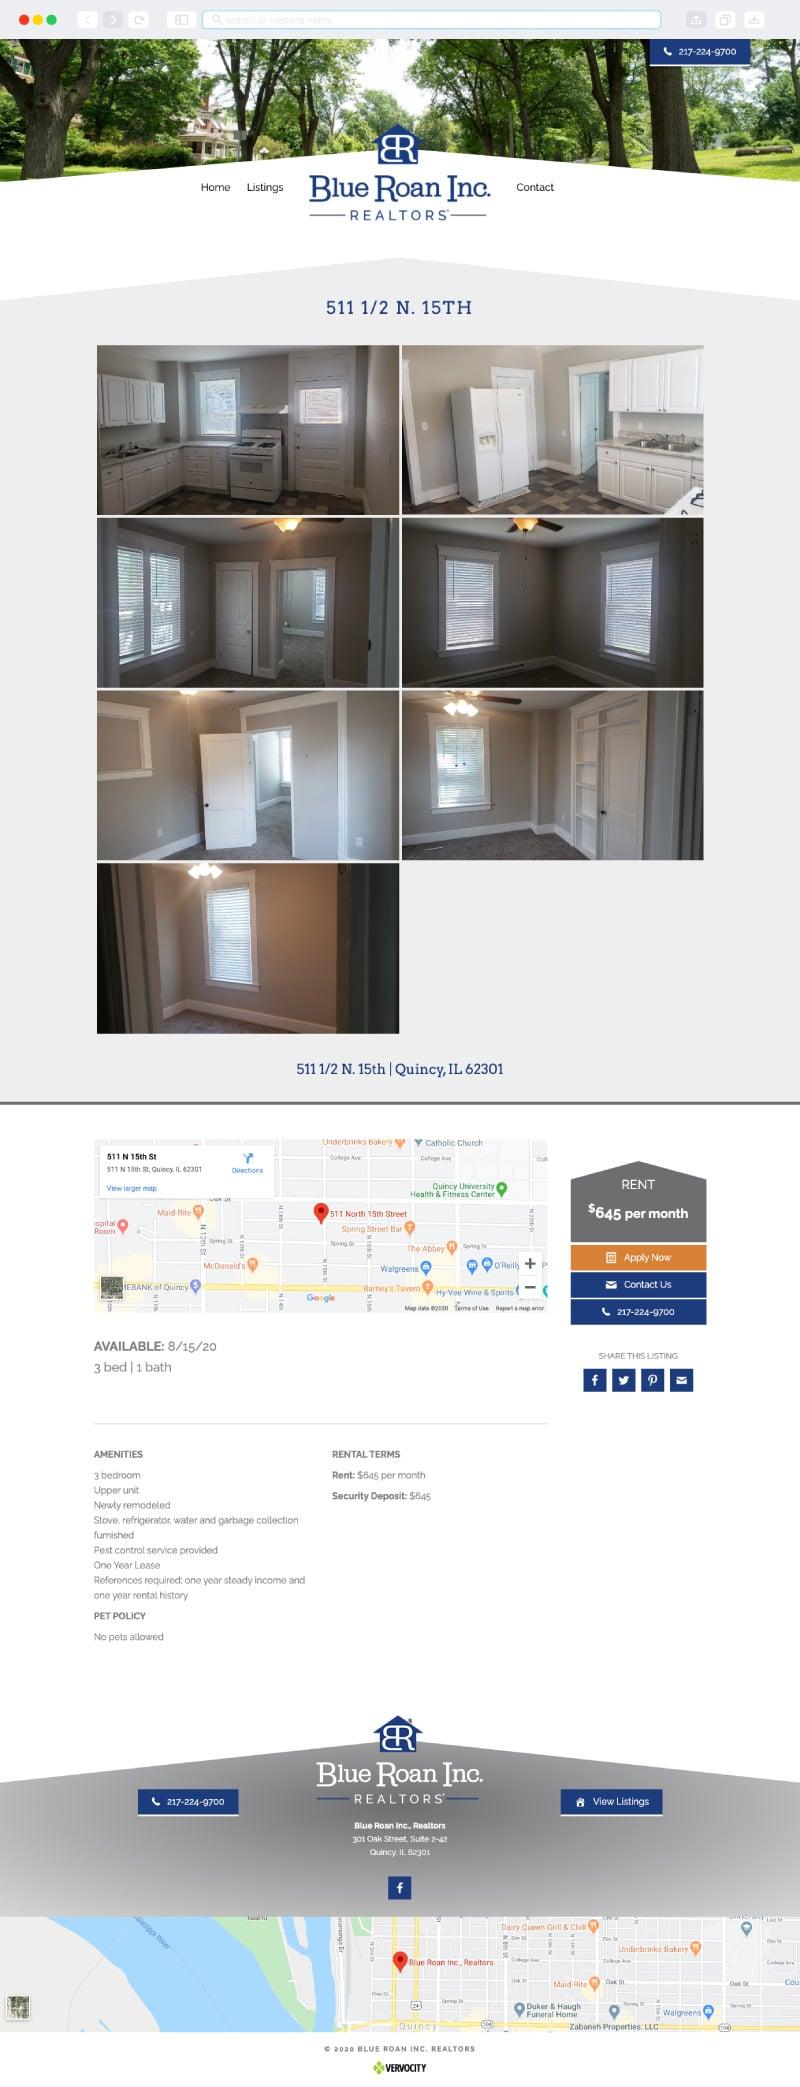 Blue Roan, Inc Realtors Interior Page | Vervocity